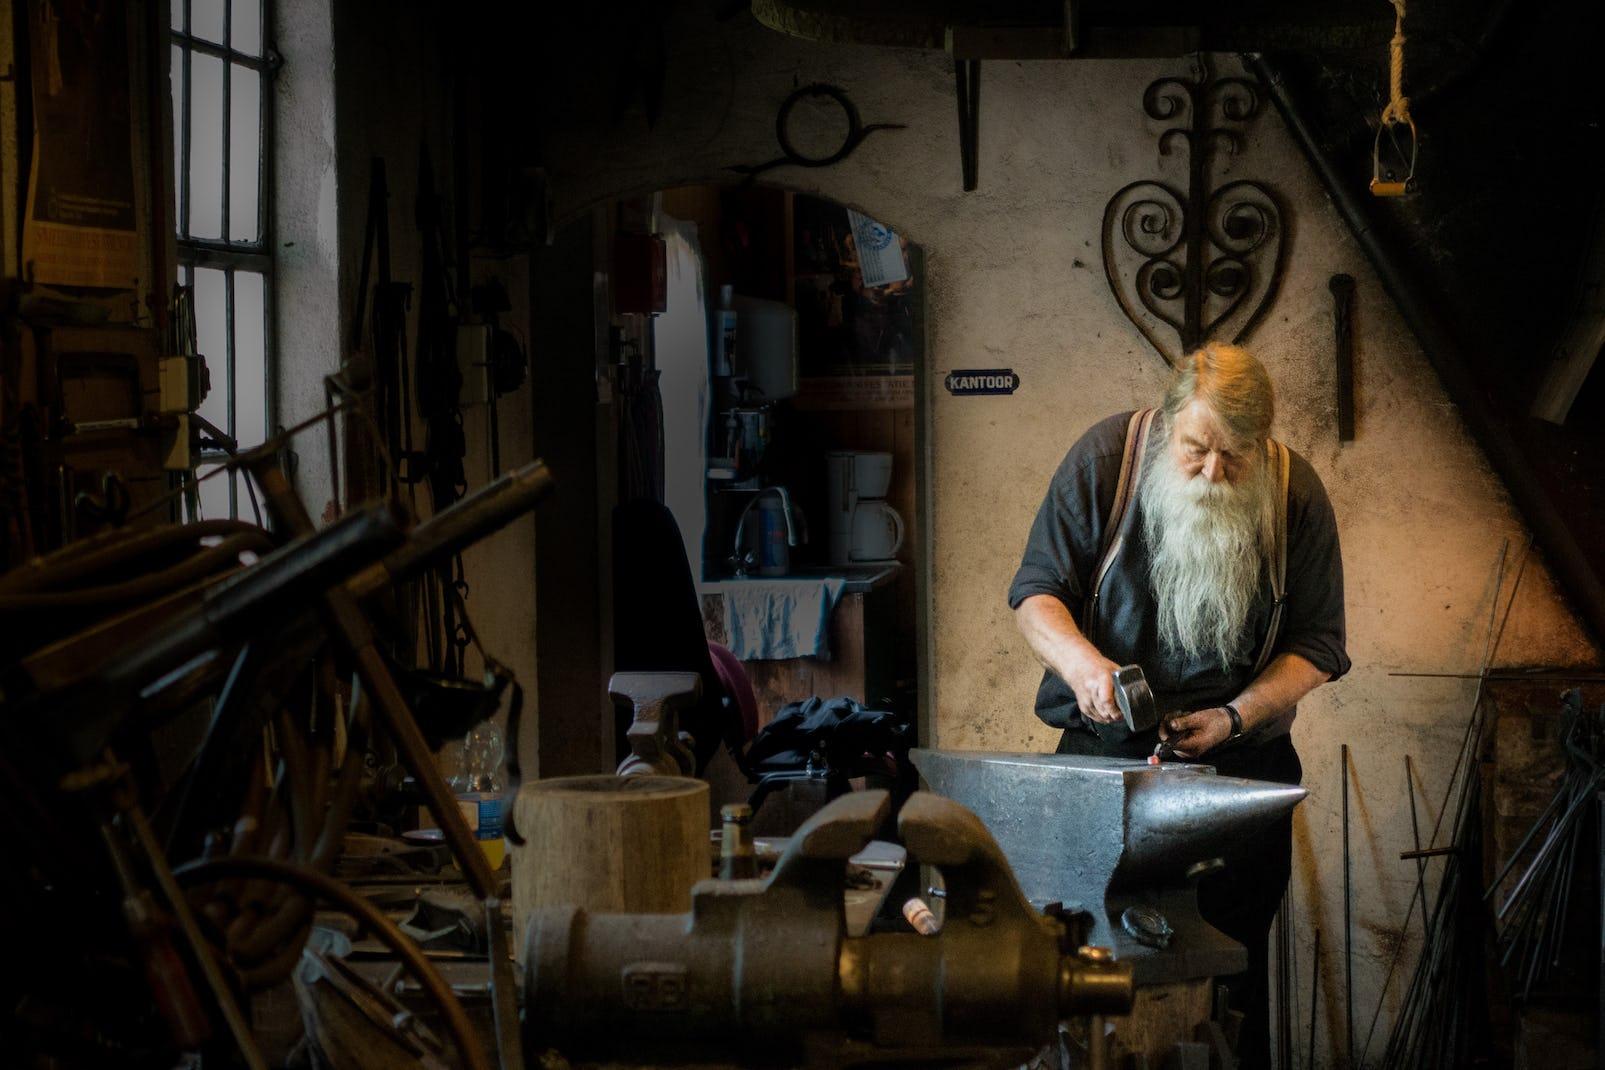 Altes Mann arbeitet in mittelalterliches Werkstatt